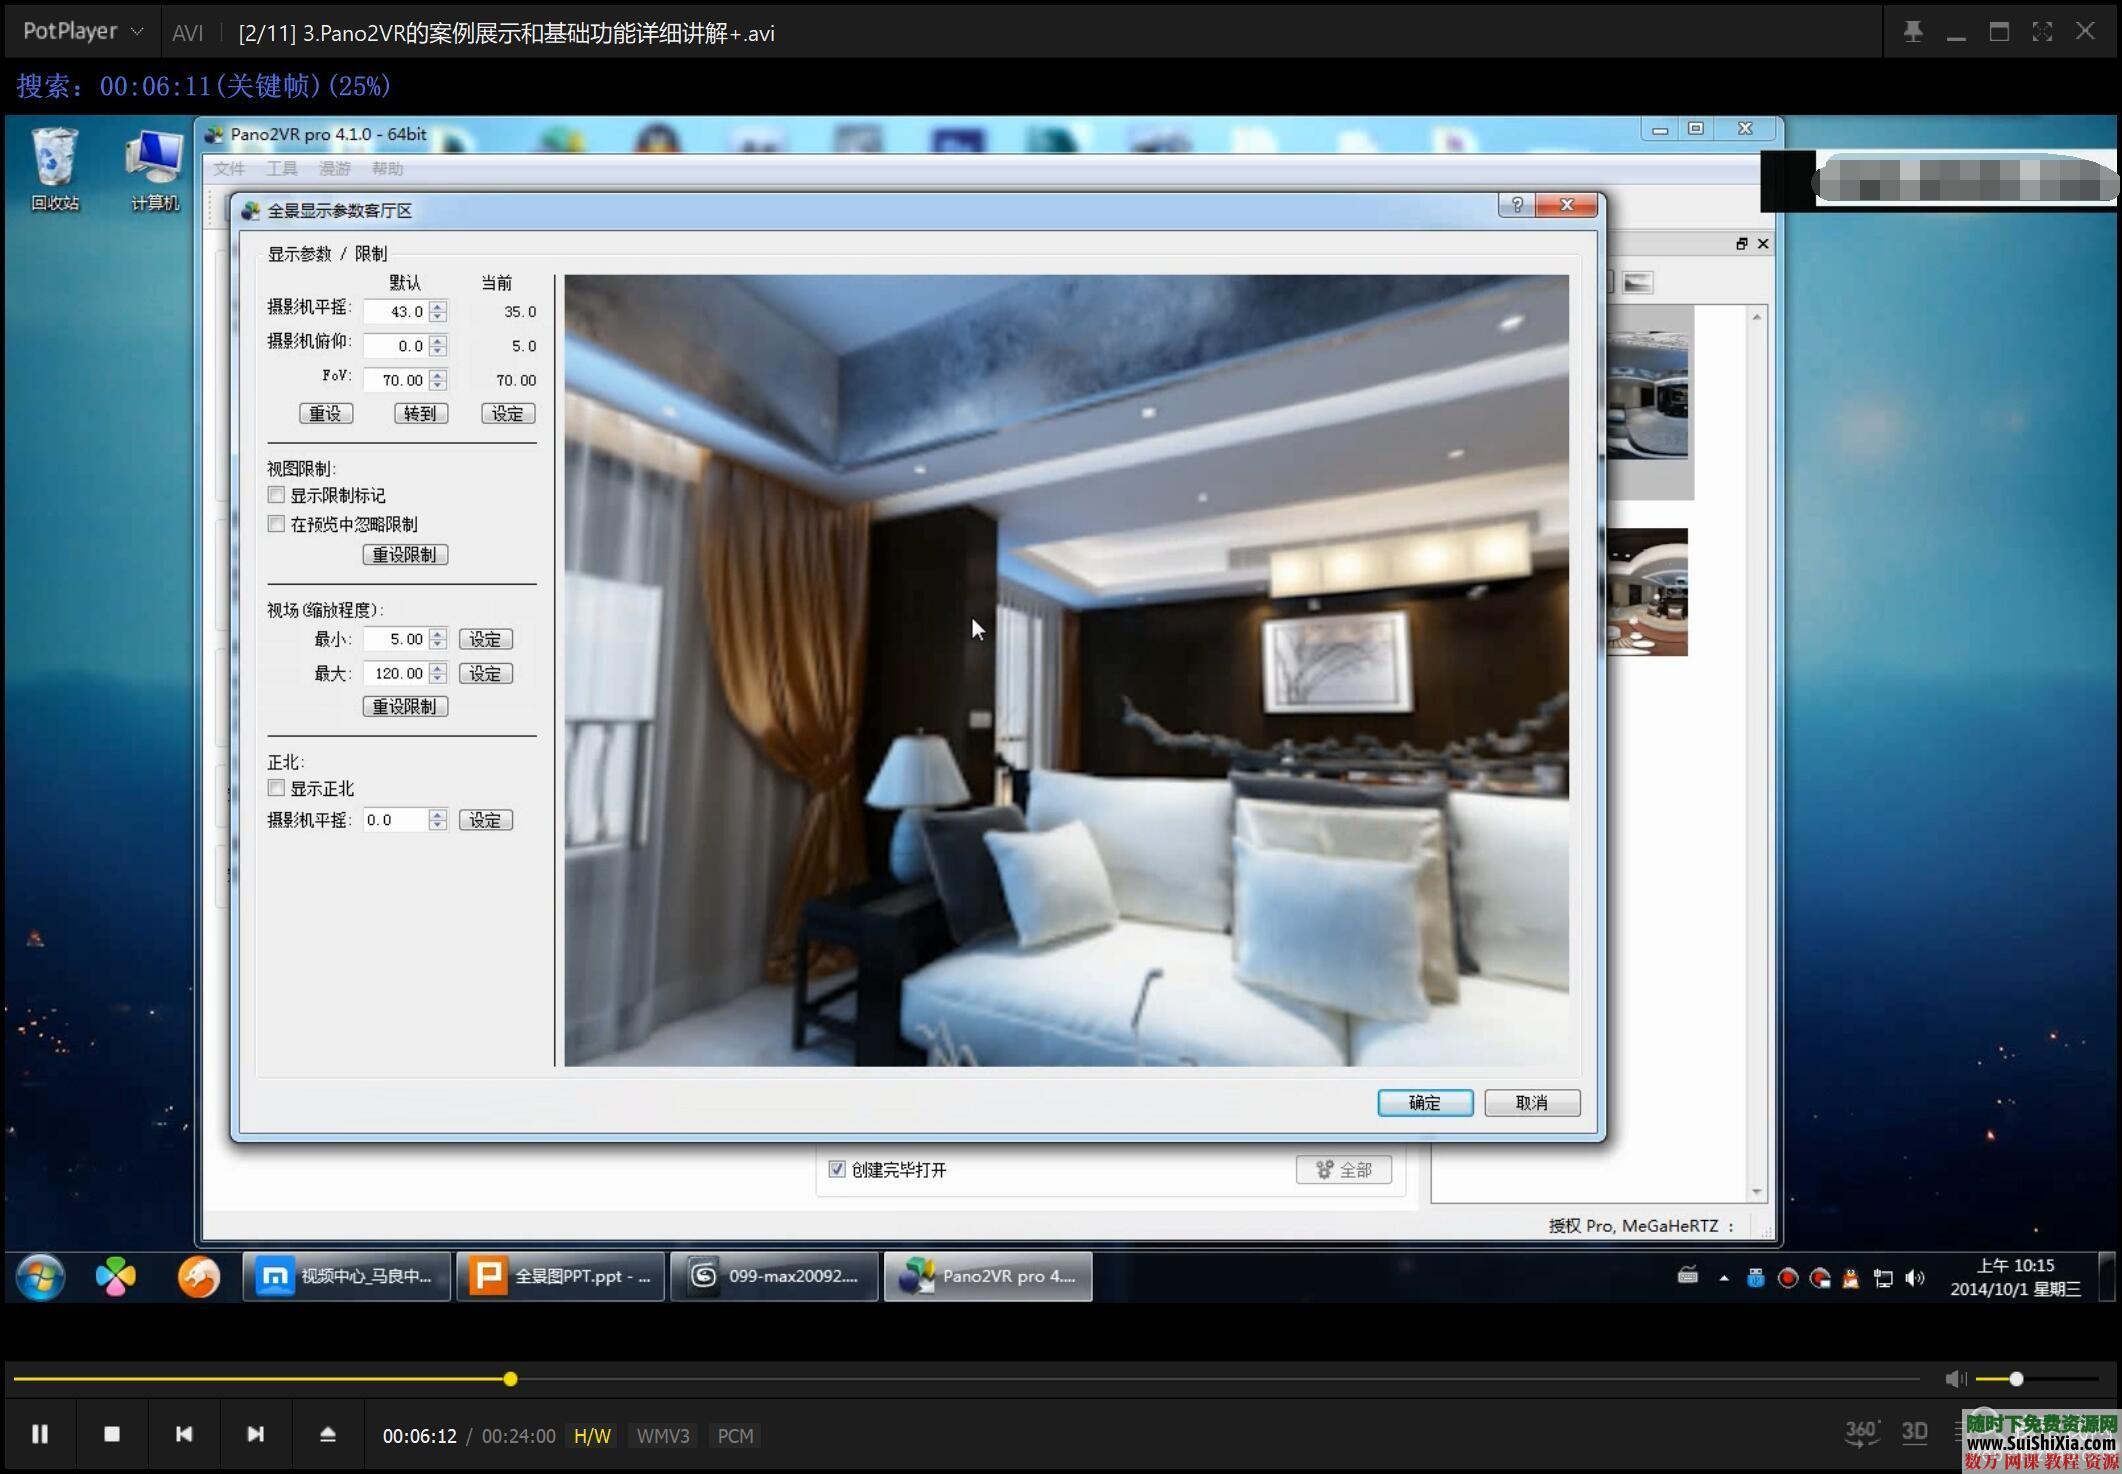 360度720°pano2vr全景效果图制作教程视频旋转室内设计3dmax 第4张